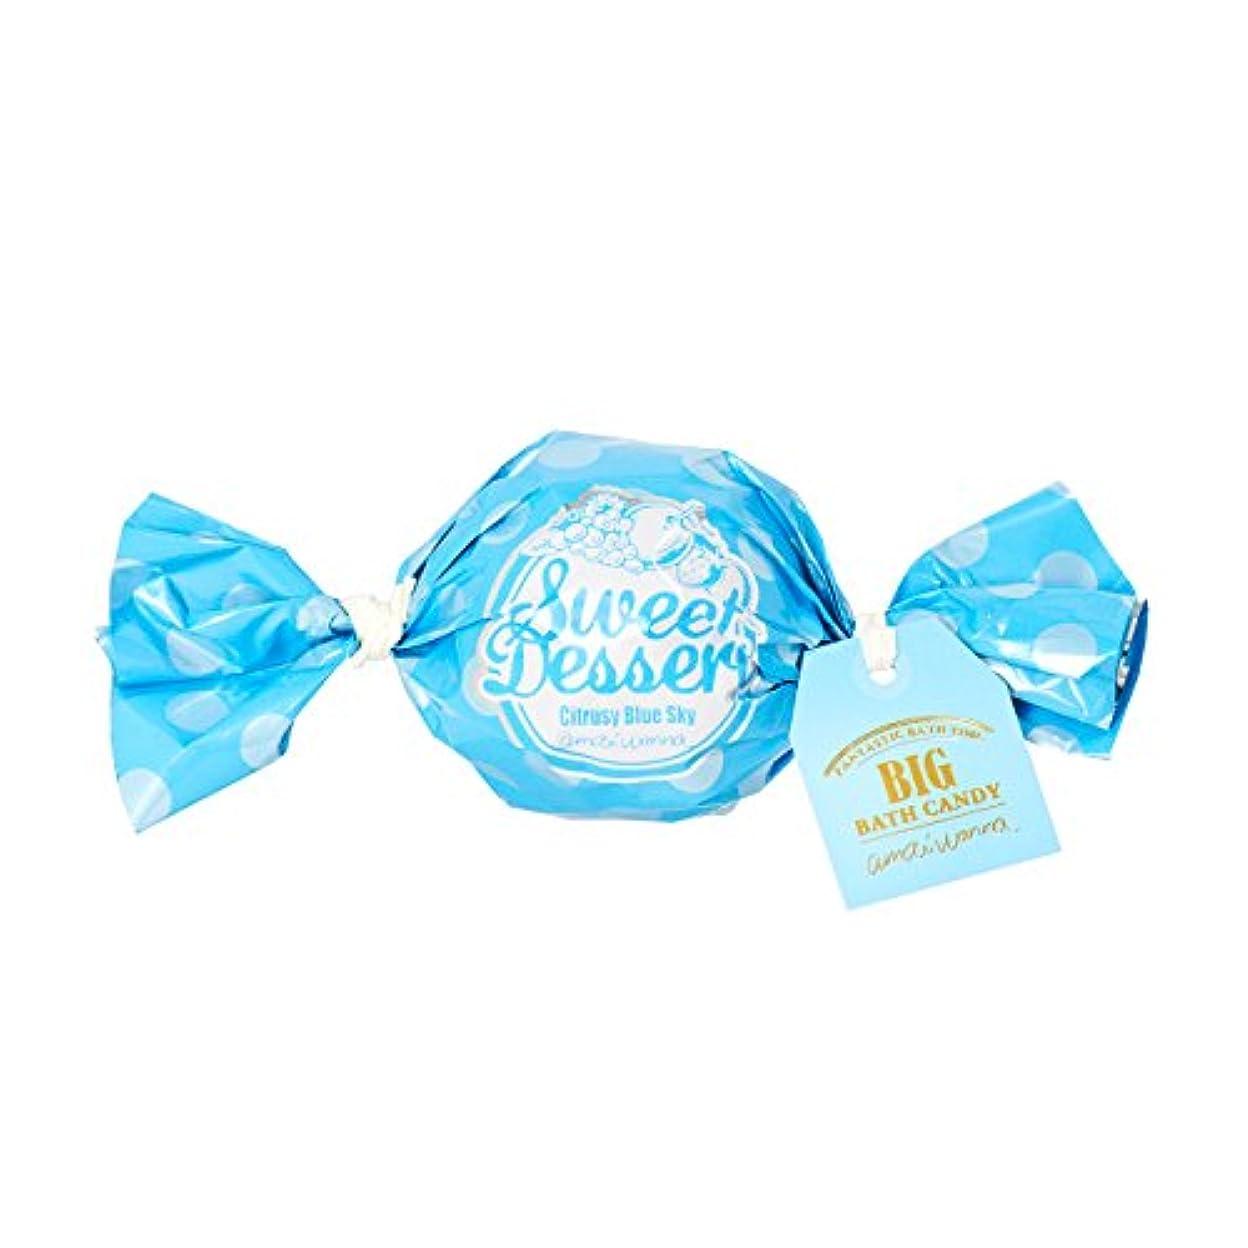 決定口アマイワナ ビッグバスキャンディー 青空シトラス 100g(発泡タイプ入浴料 おおらかで凛としたシトラスの香り)